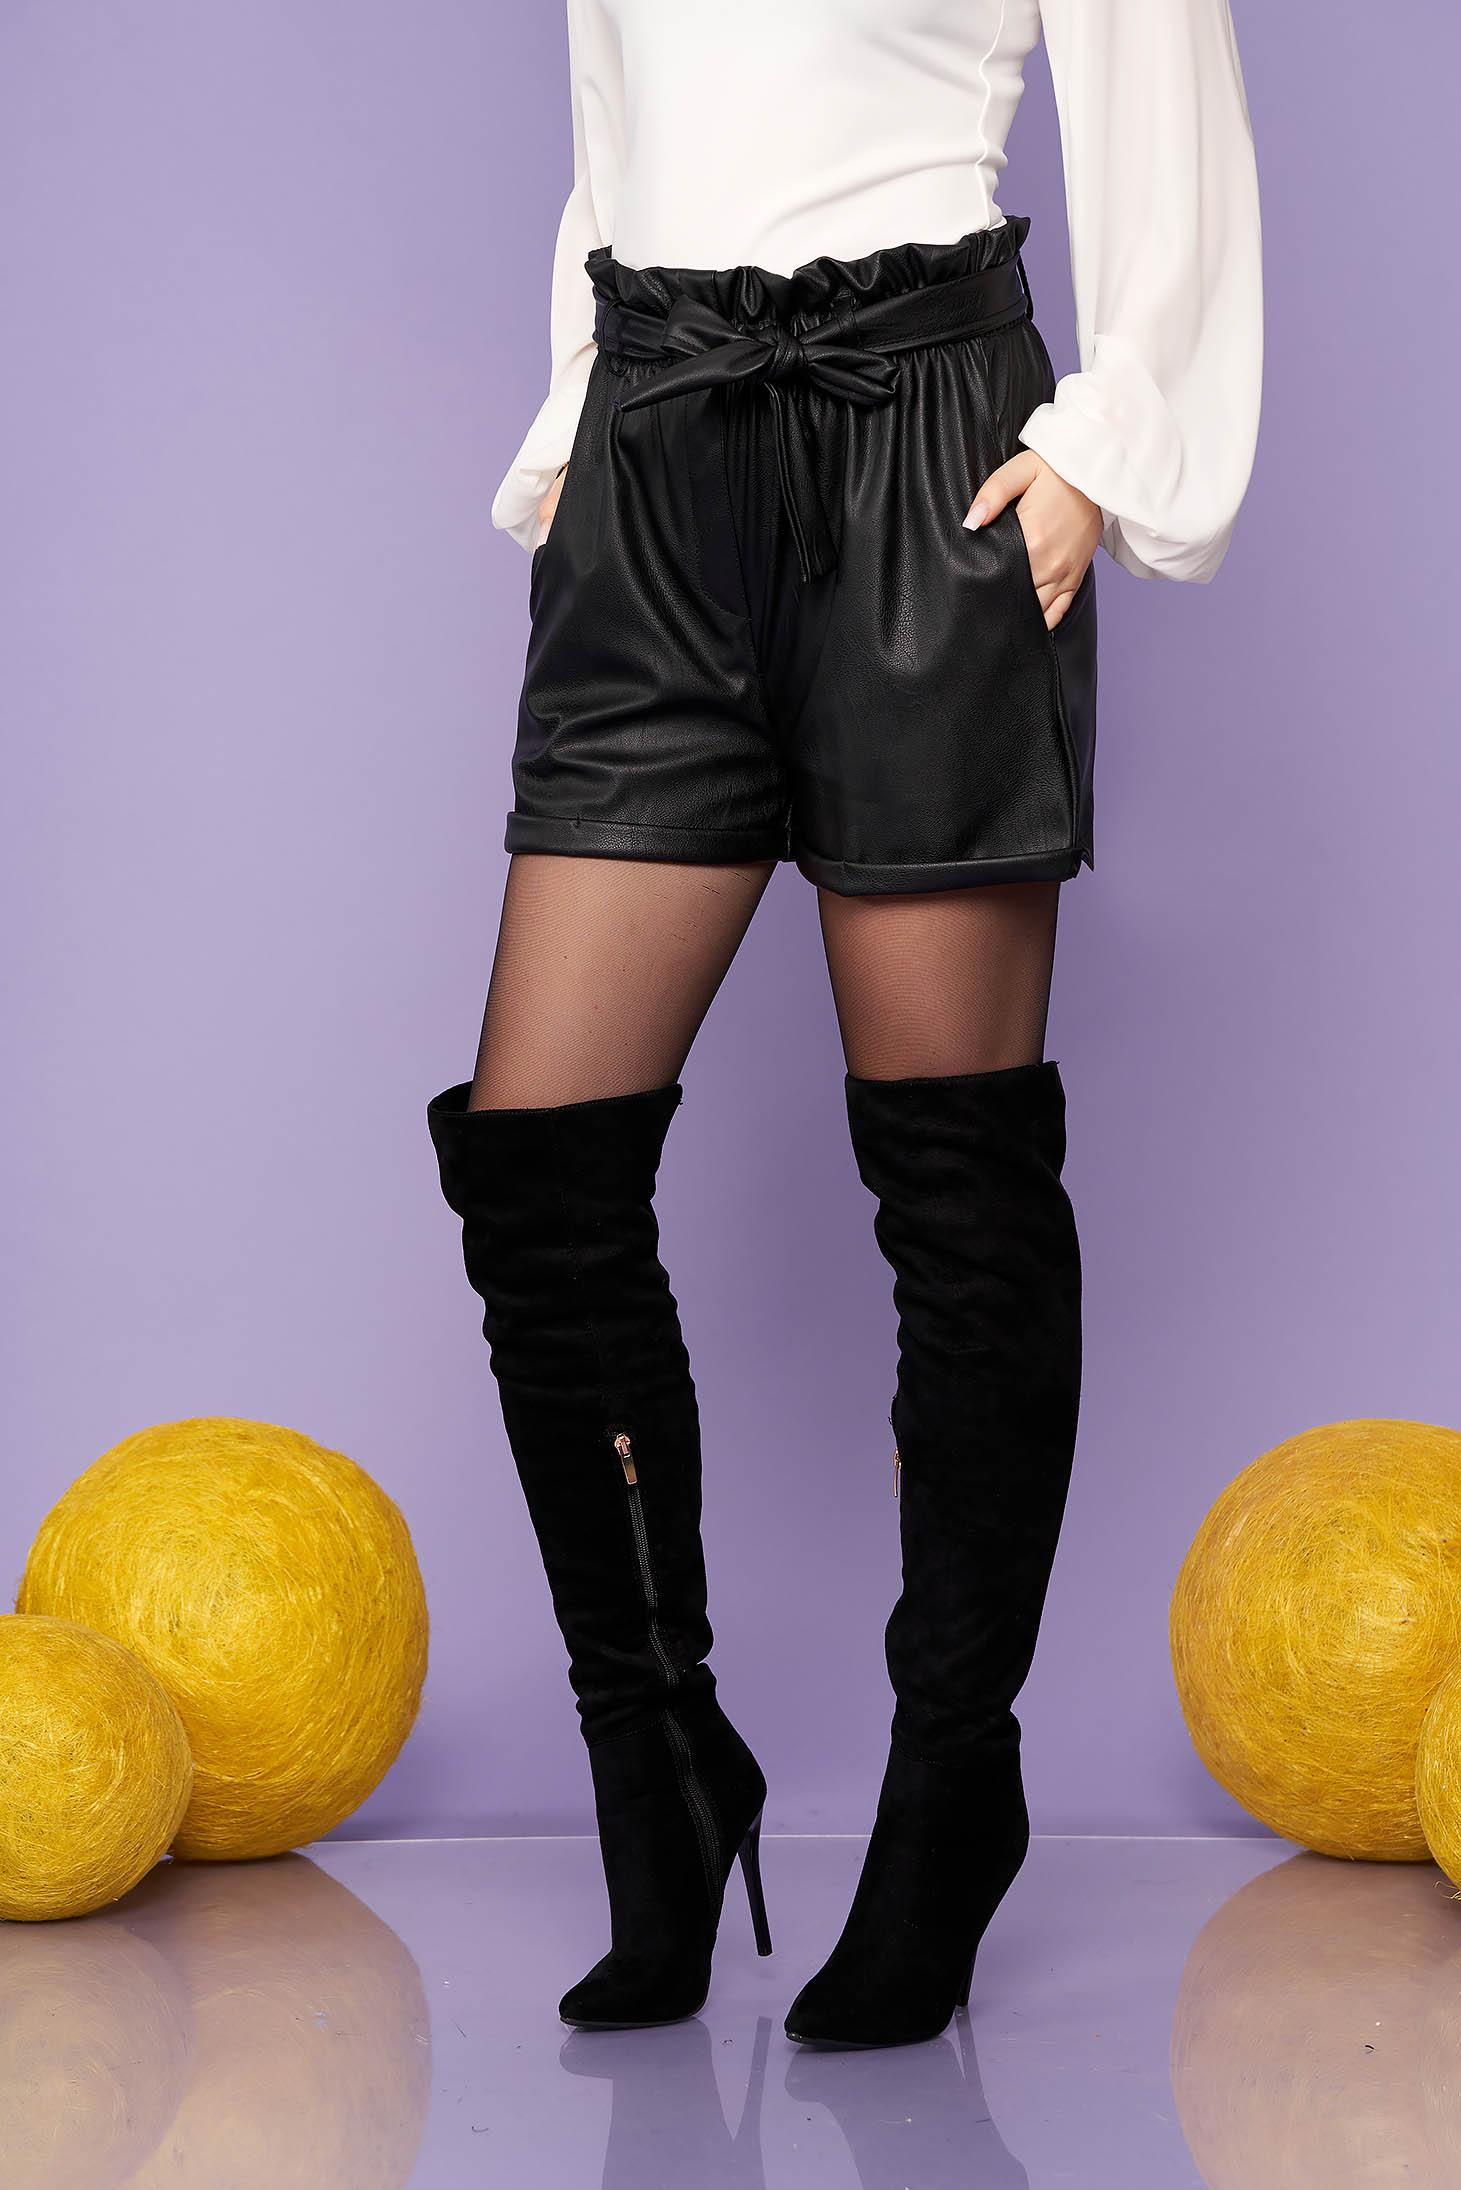 Pantalon scurt SunShine negru casual din piele ecologica cu talie inalta si buzunare